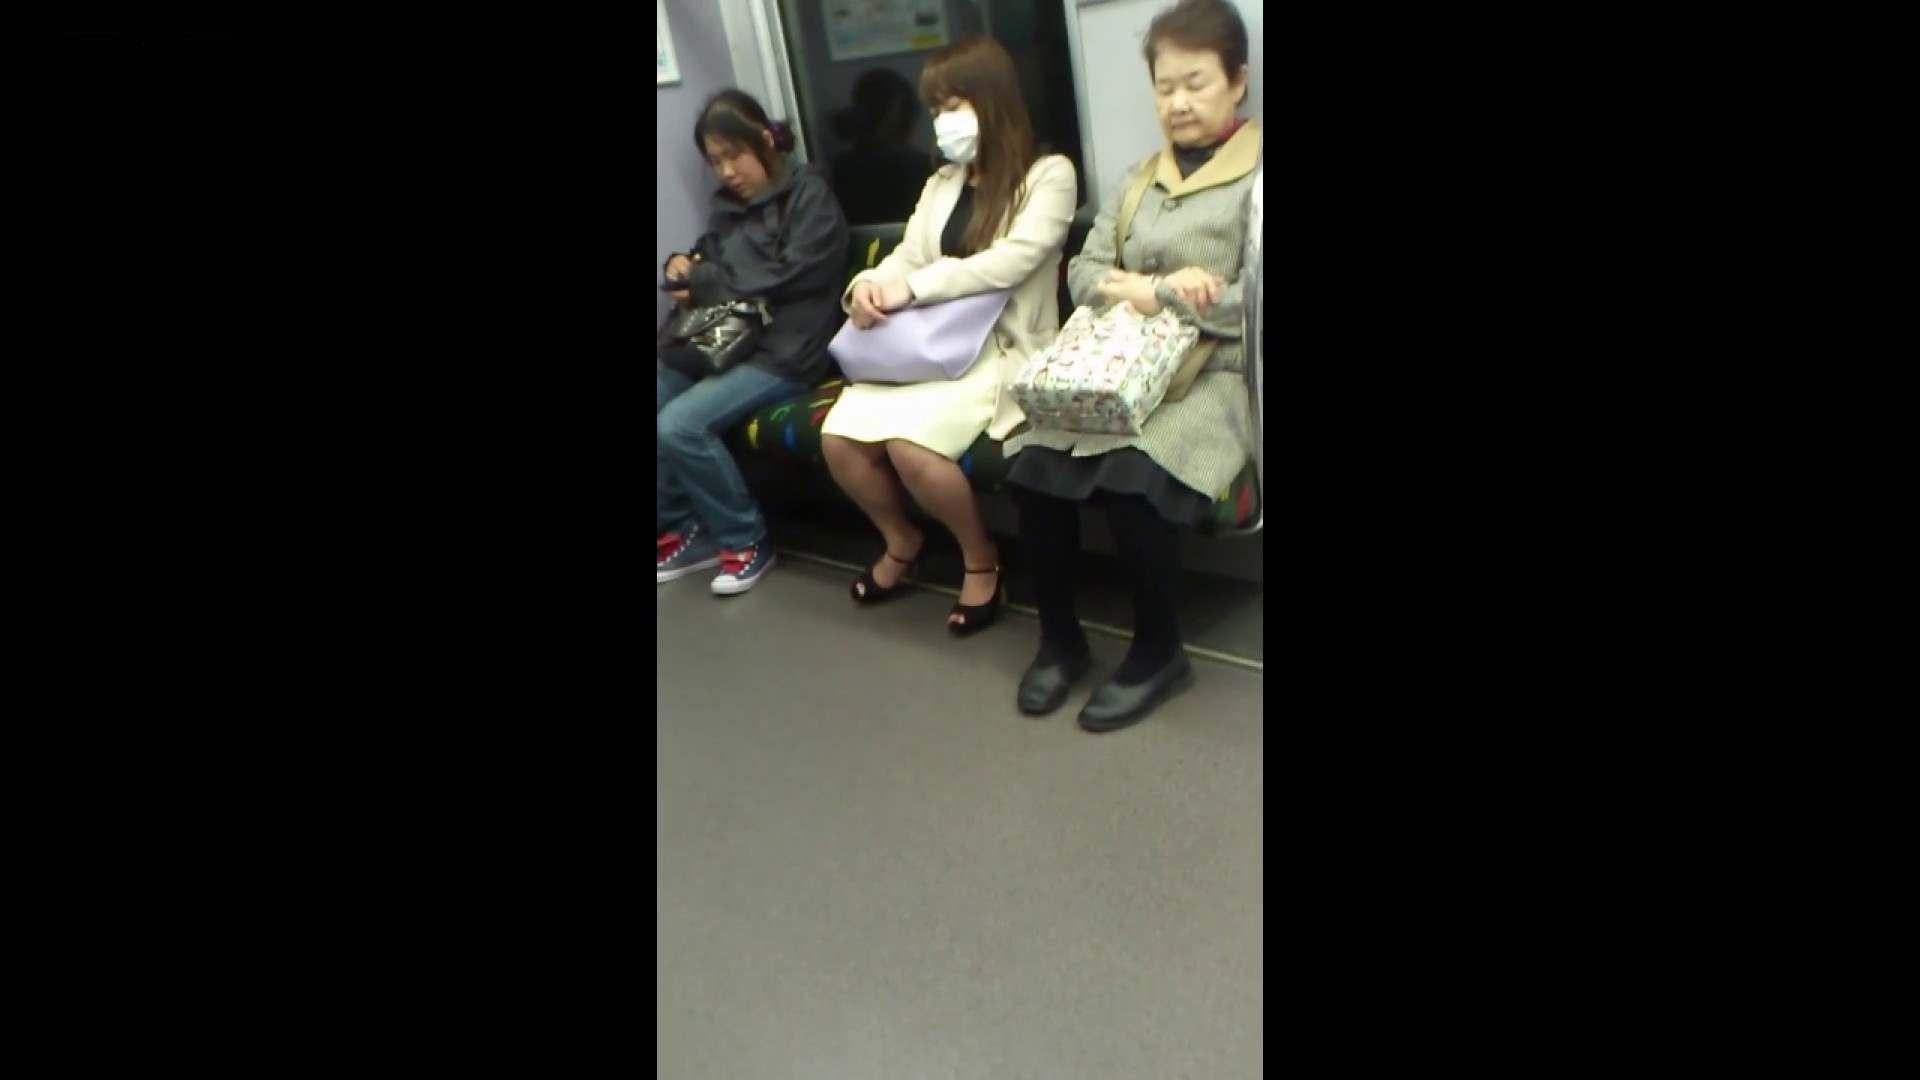 盗撮列車 Vol.55 黄色の爽やかなスカートが大好きです。 盗撮編 AV無料動画キャプチャ 89枚 58